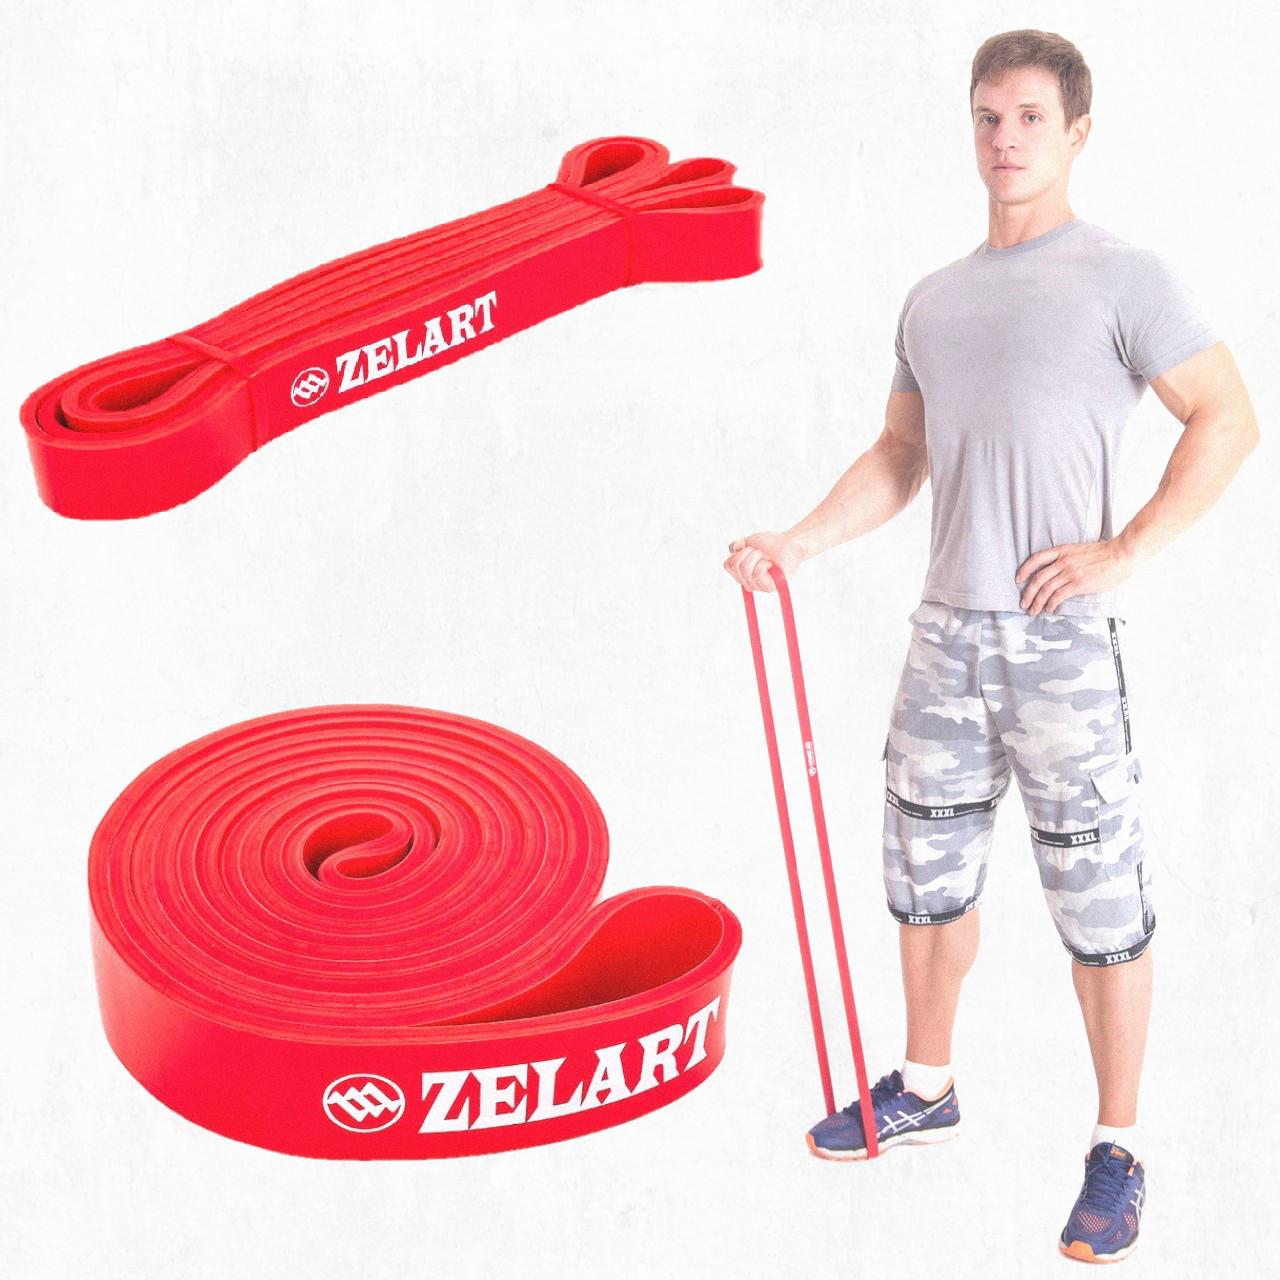 Резиновая петля Красная S 11-36 кг/ Резина для подтягивания / Эспандер /Фитнес резинка • Zelart •